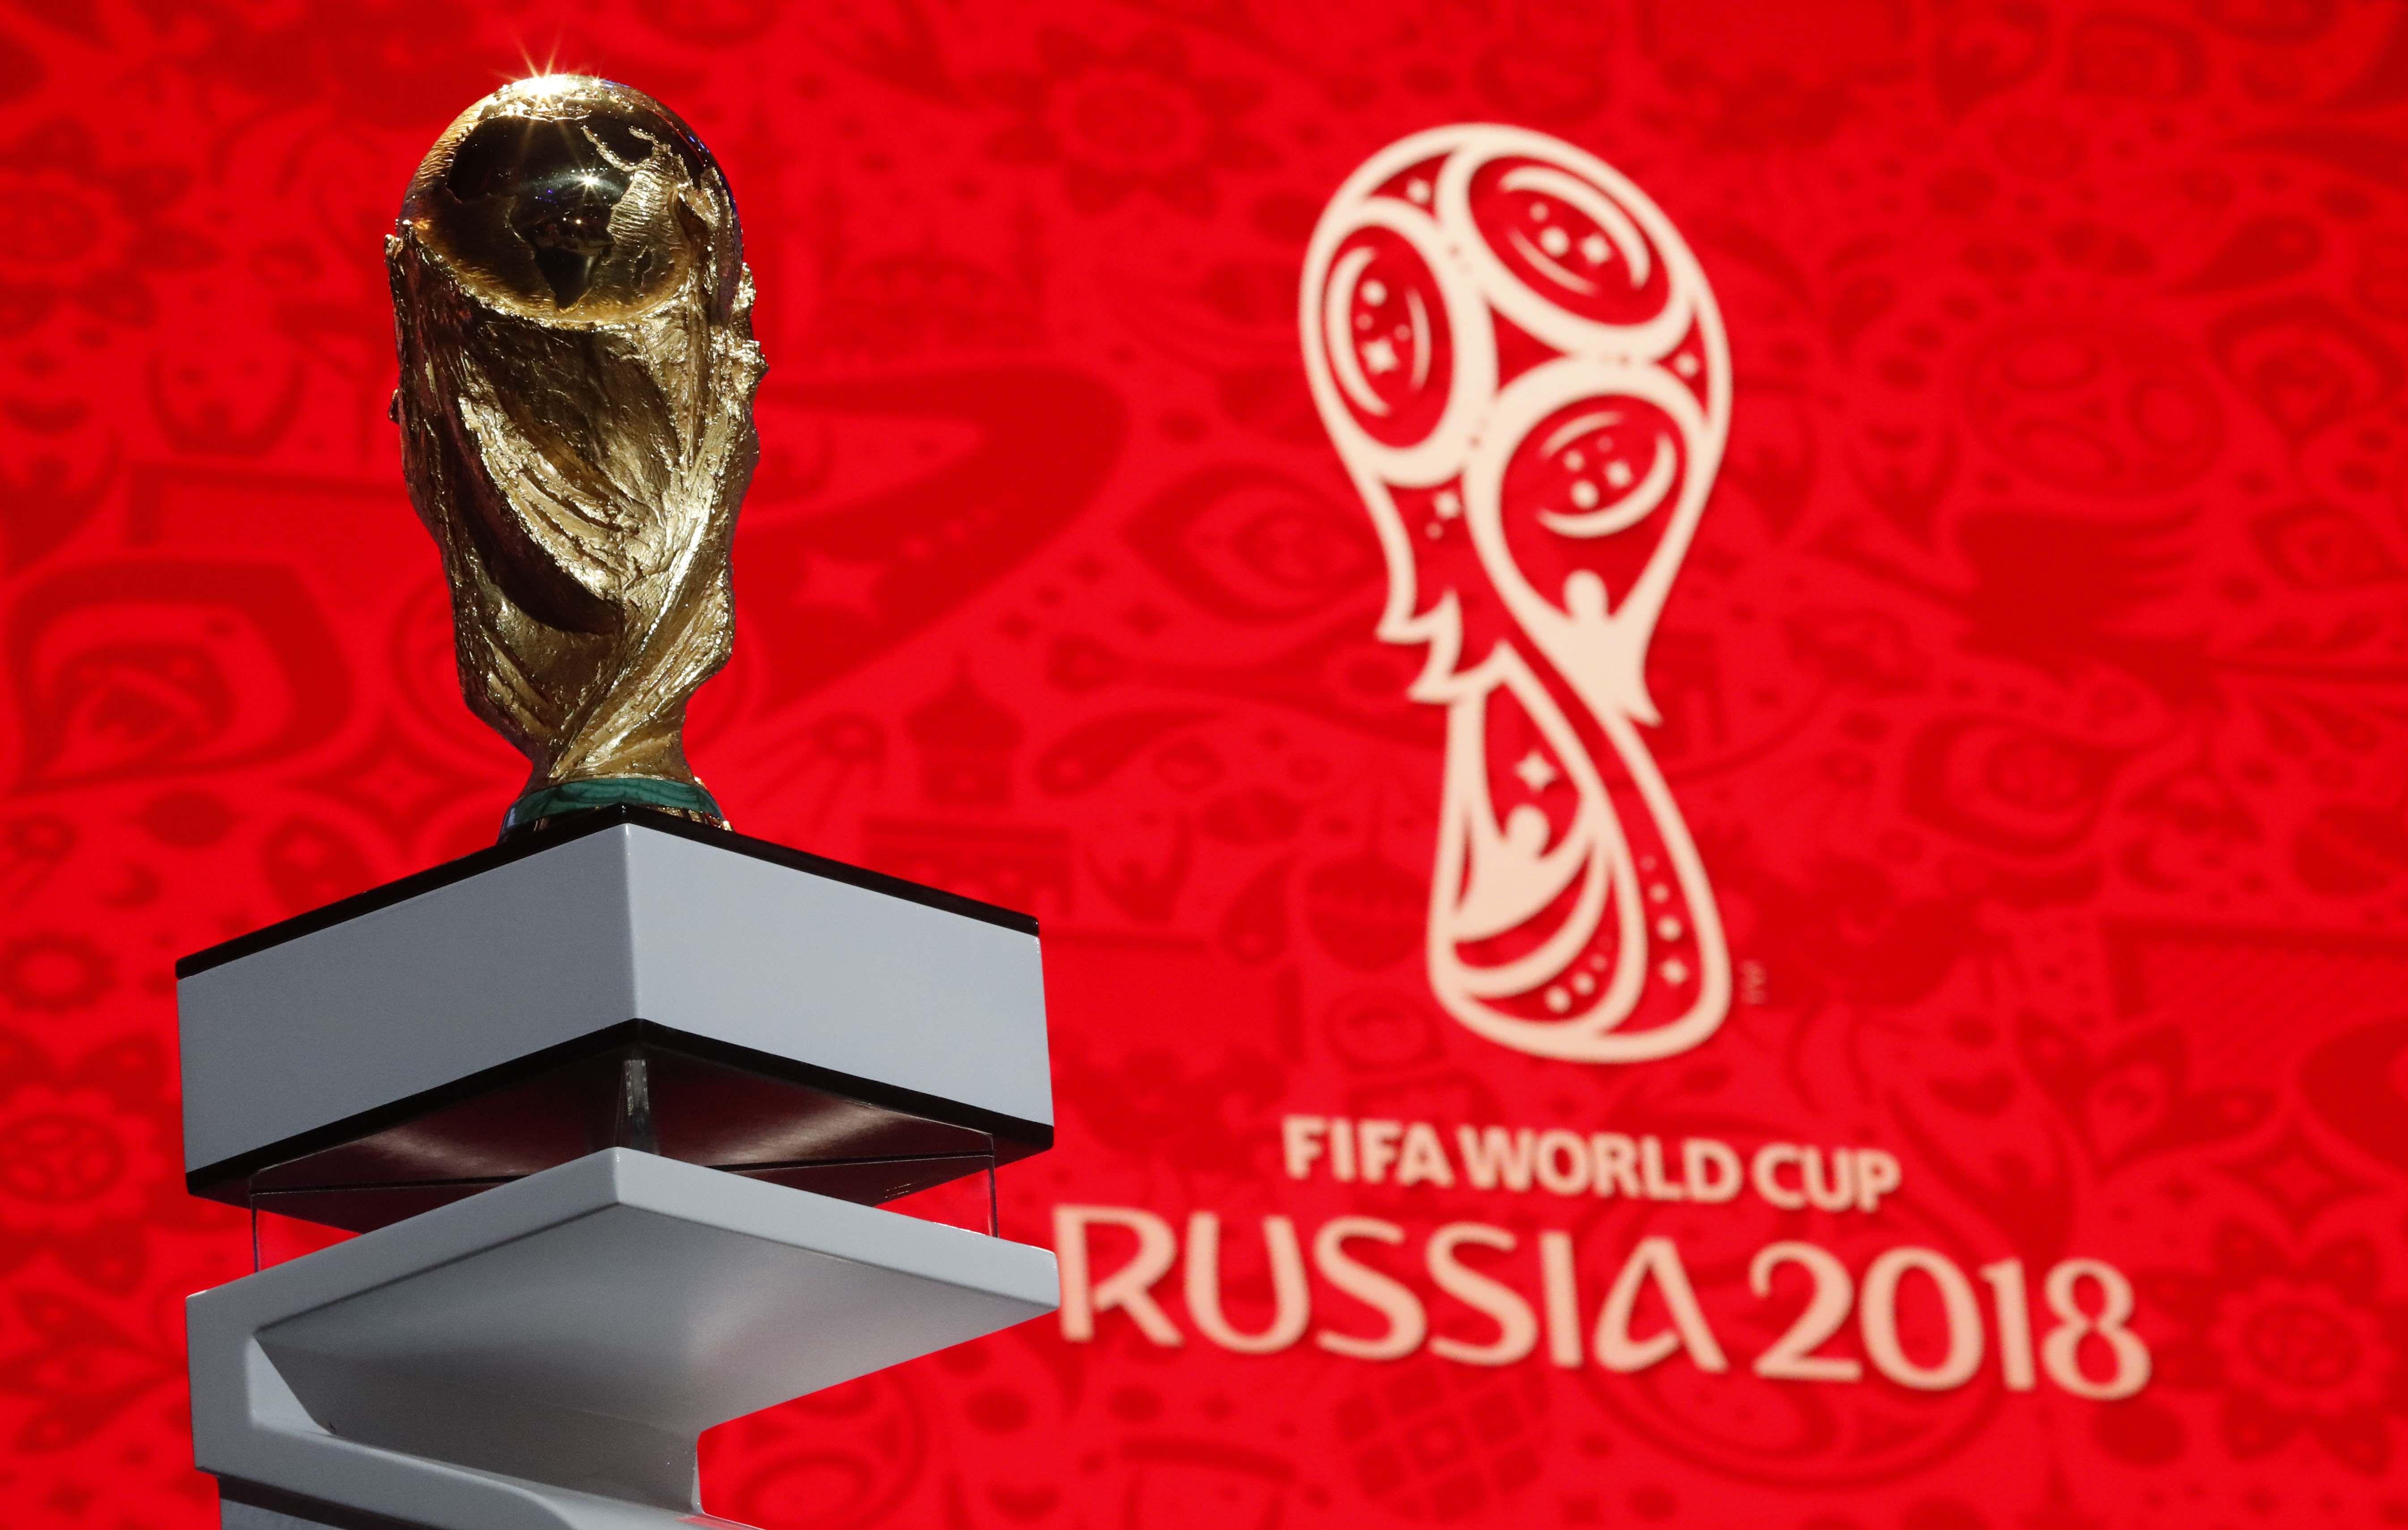 classement fifa coupe du monde 2018